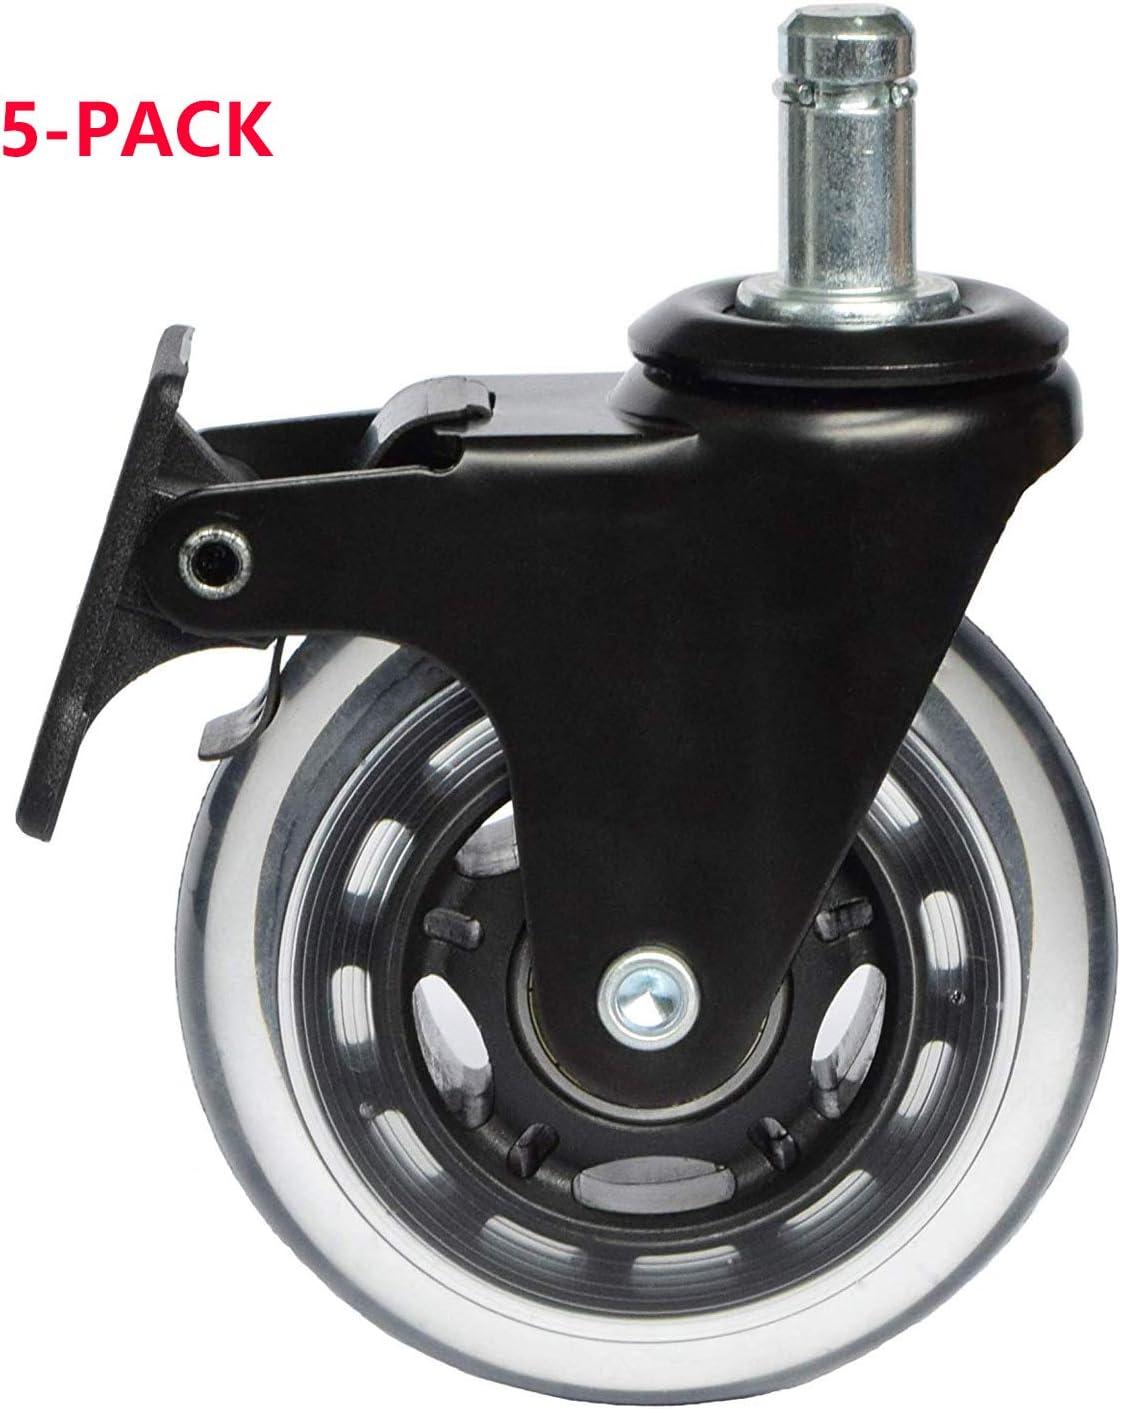 IKEA Rueda de rueda de 10 mm con bloqueo de freno, ruedas resistentes para silla de oficina, tapete de repuesto (CasterIkeaBrake3)